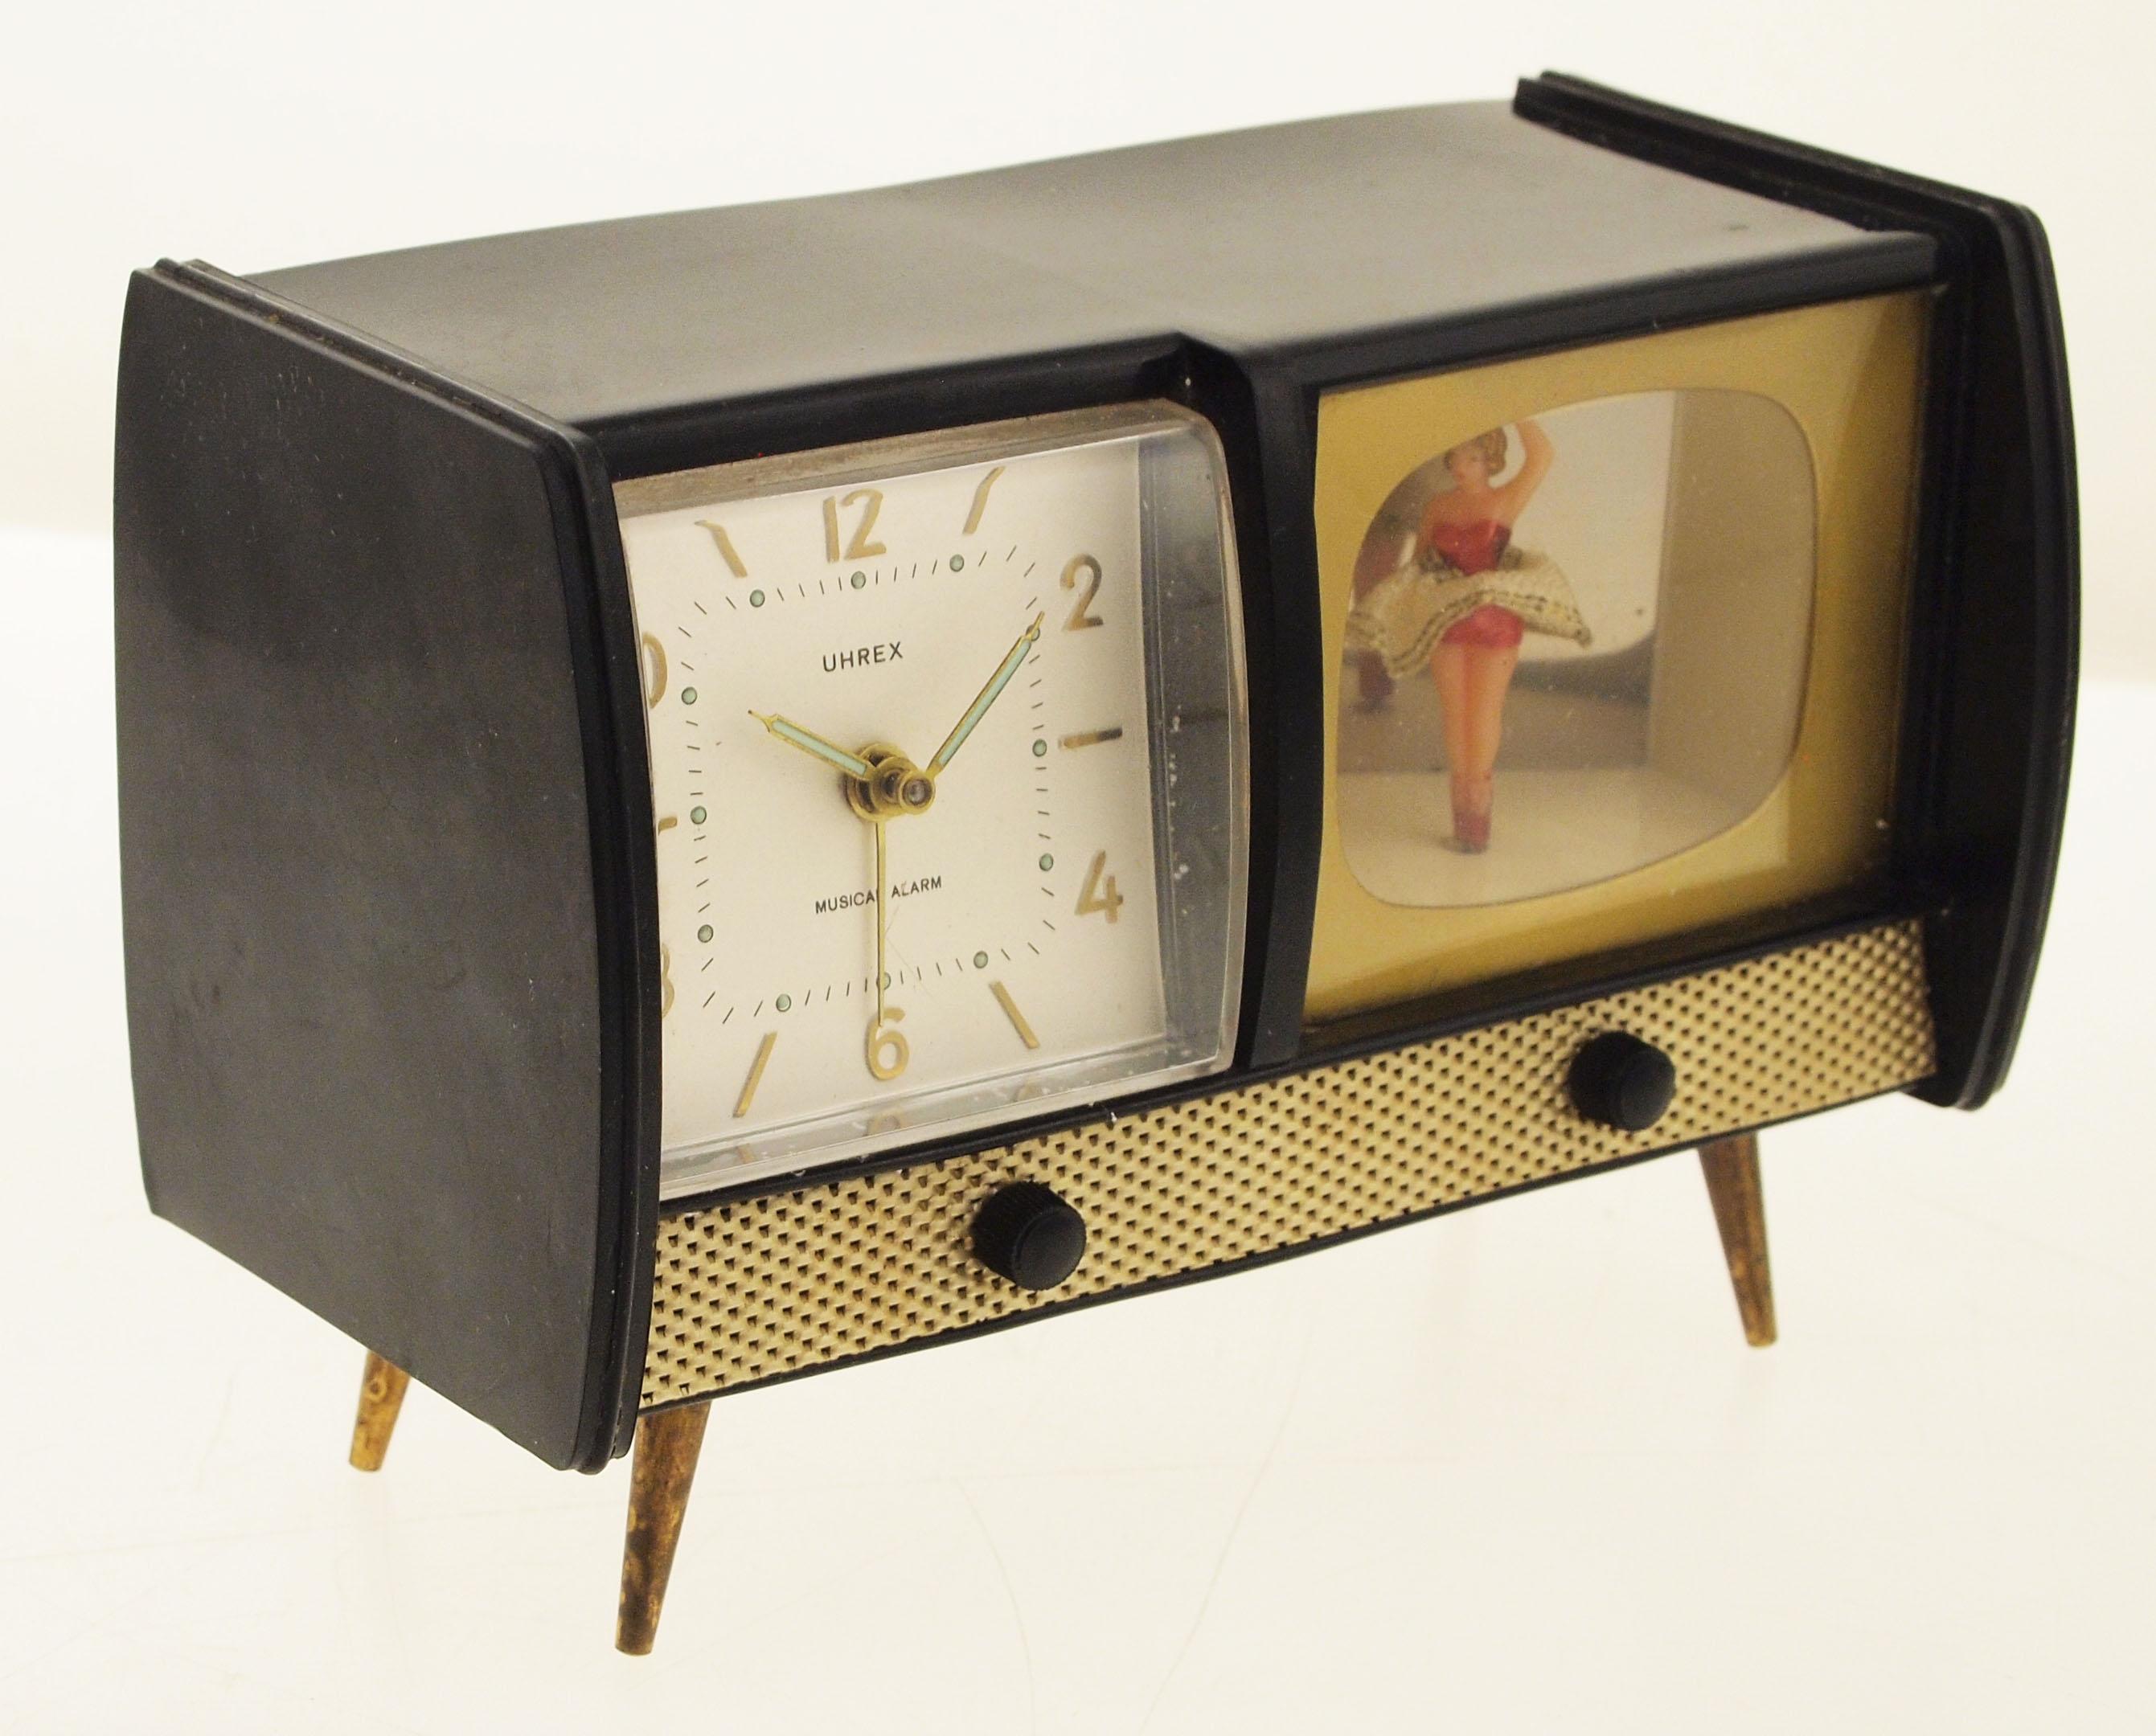 uhrex tischuhr wecker wecker mit musik figurenautomat 1950er jahre ebay. Black Bedroom Furniture Sets. Home Design Ideas